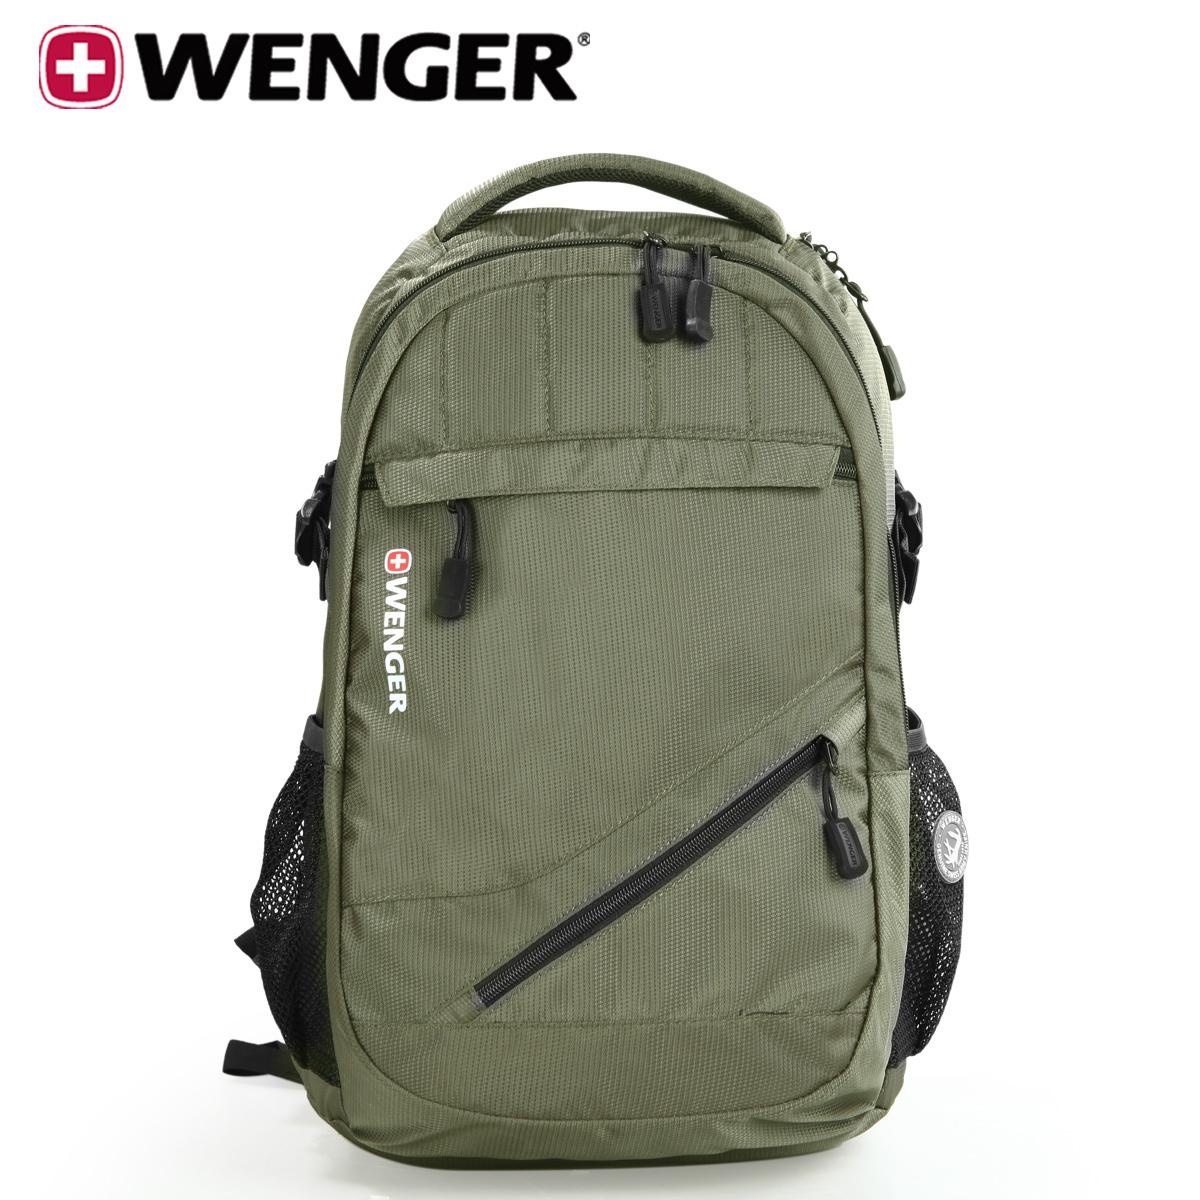 正品热销 商务时尚瑞士军刀威戈Wenger 15寸双肩包/电脑背包